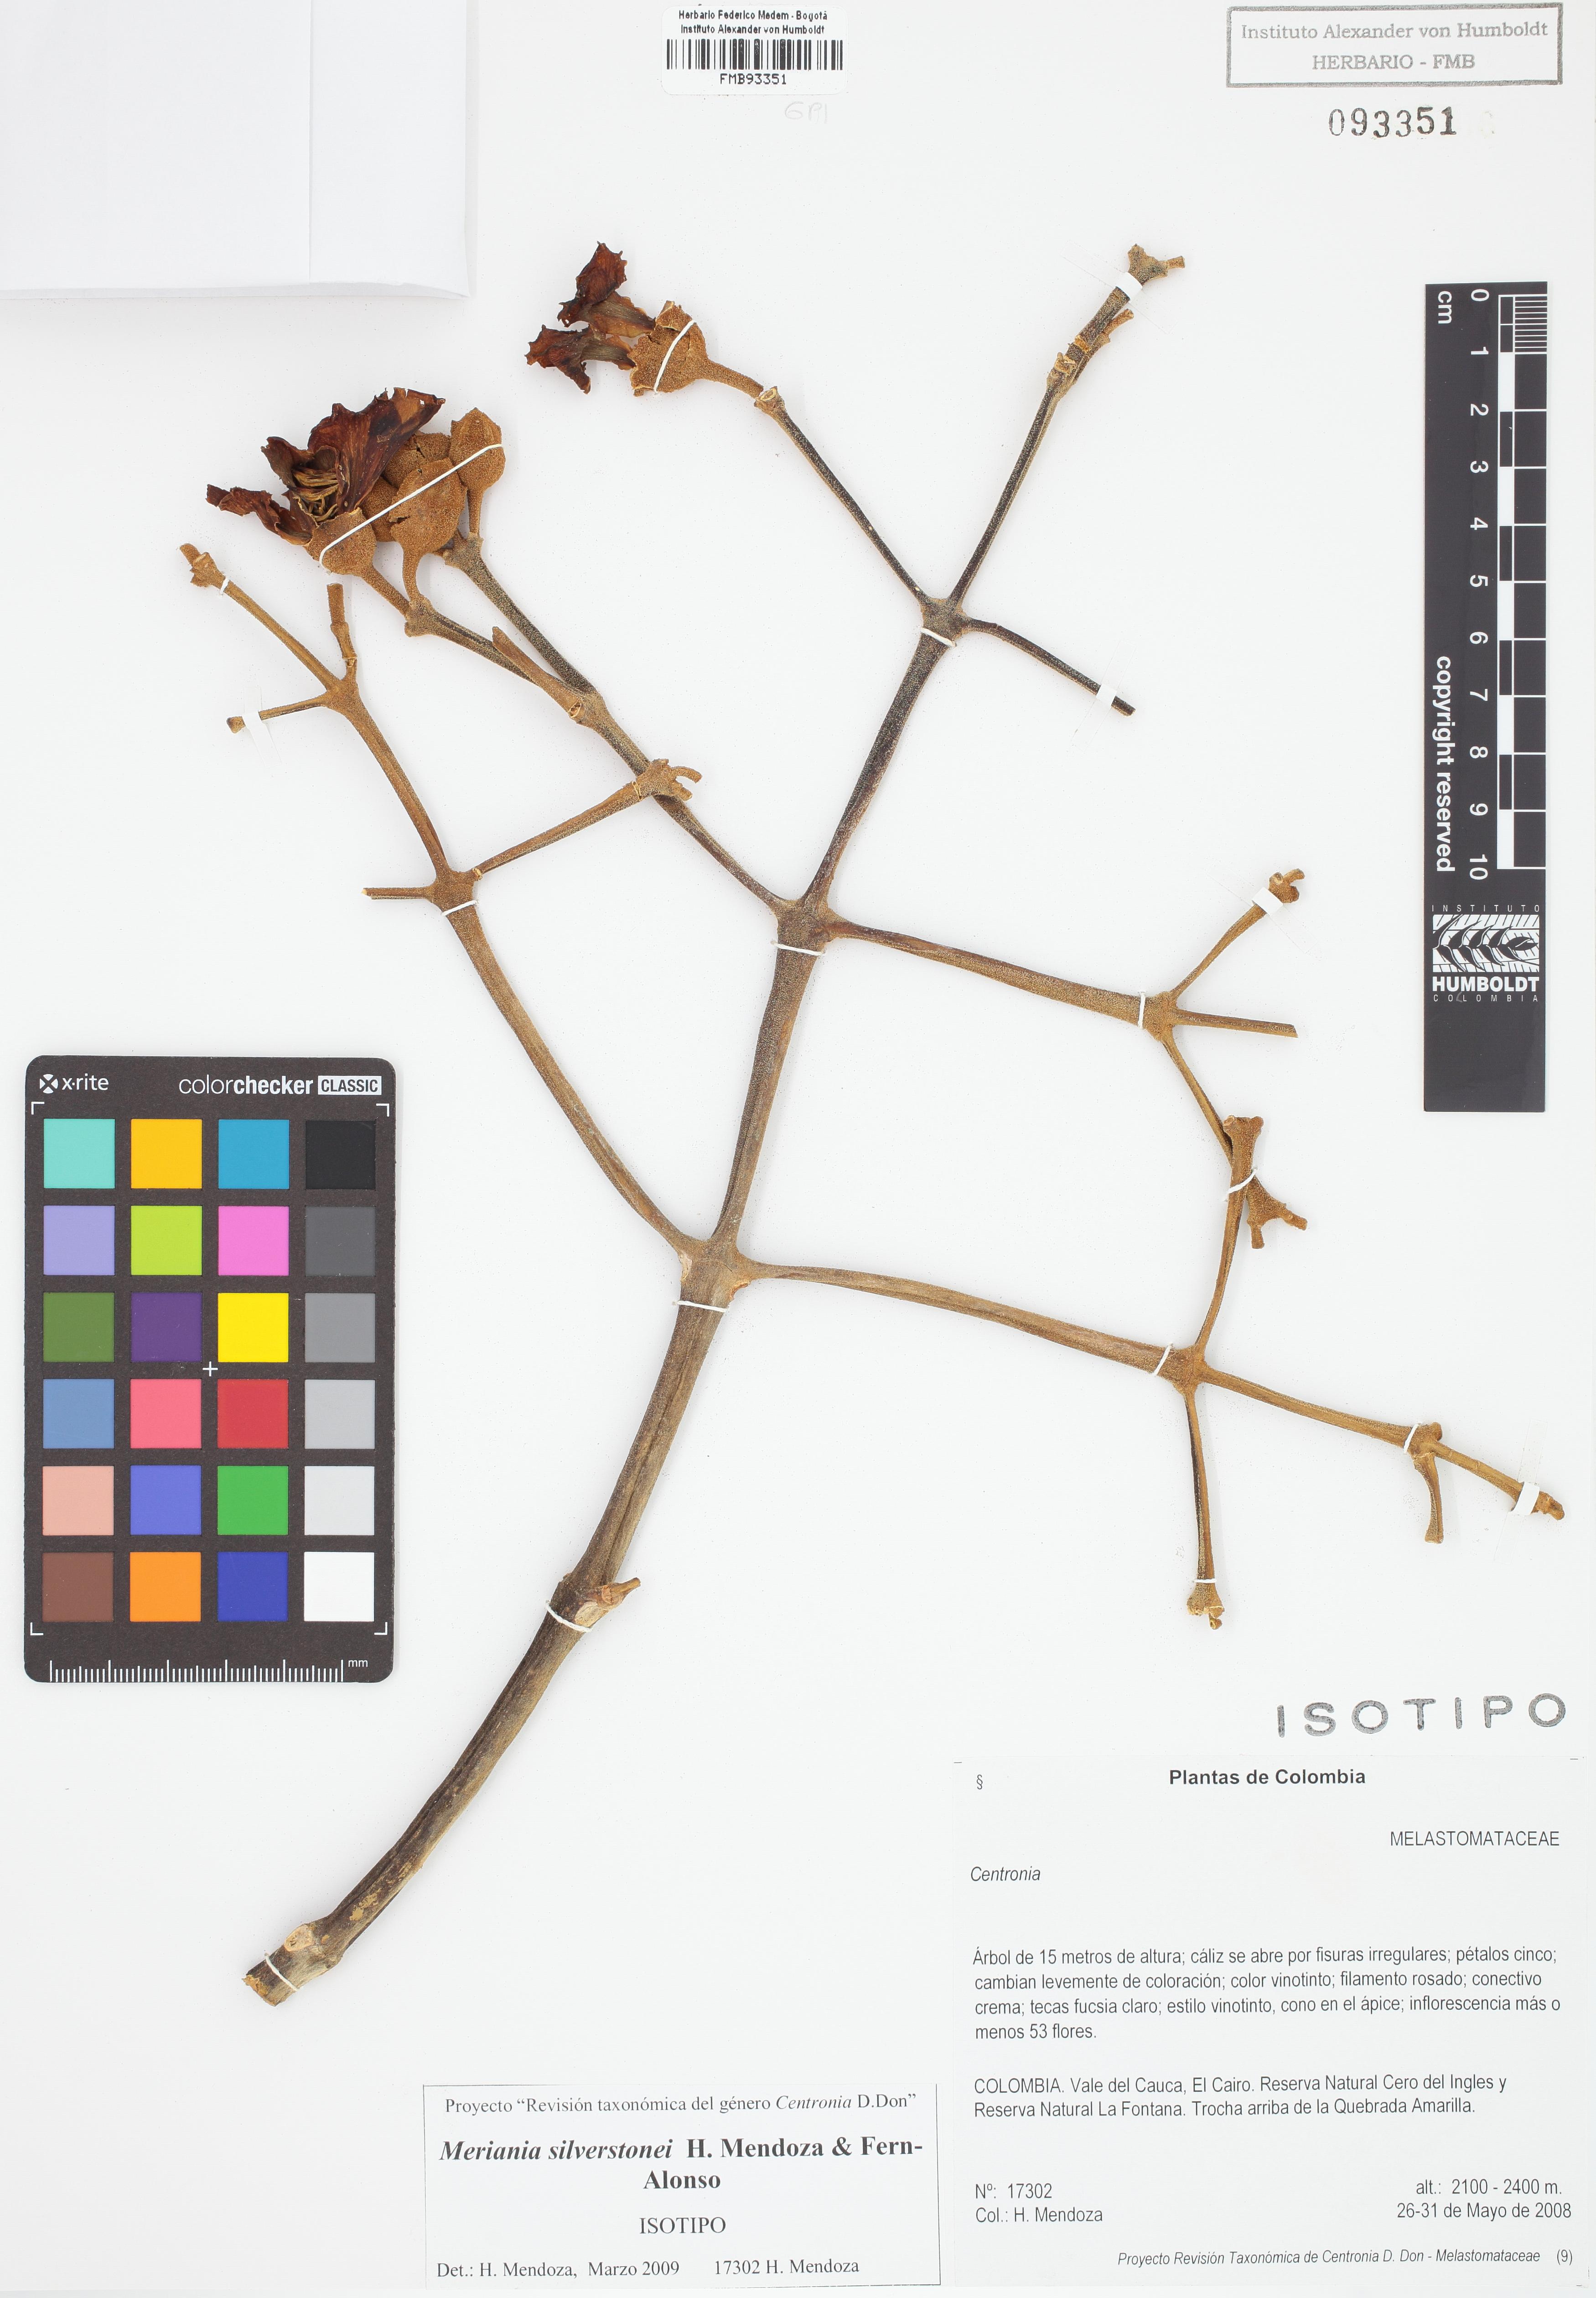 Isotipo de <em>Meriania silverstonei</em>, FMB-93351, Fotografía por Robles A.